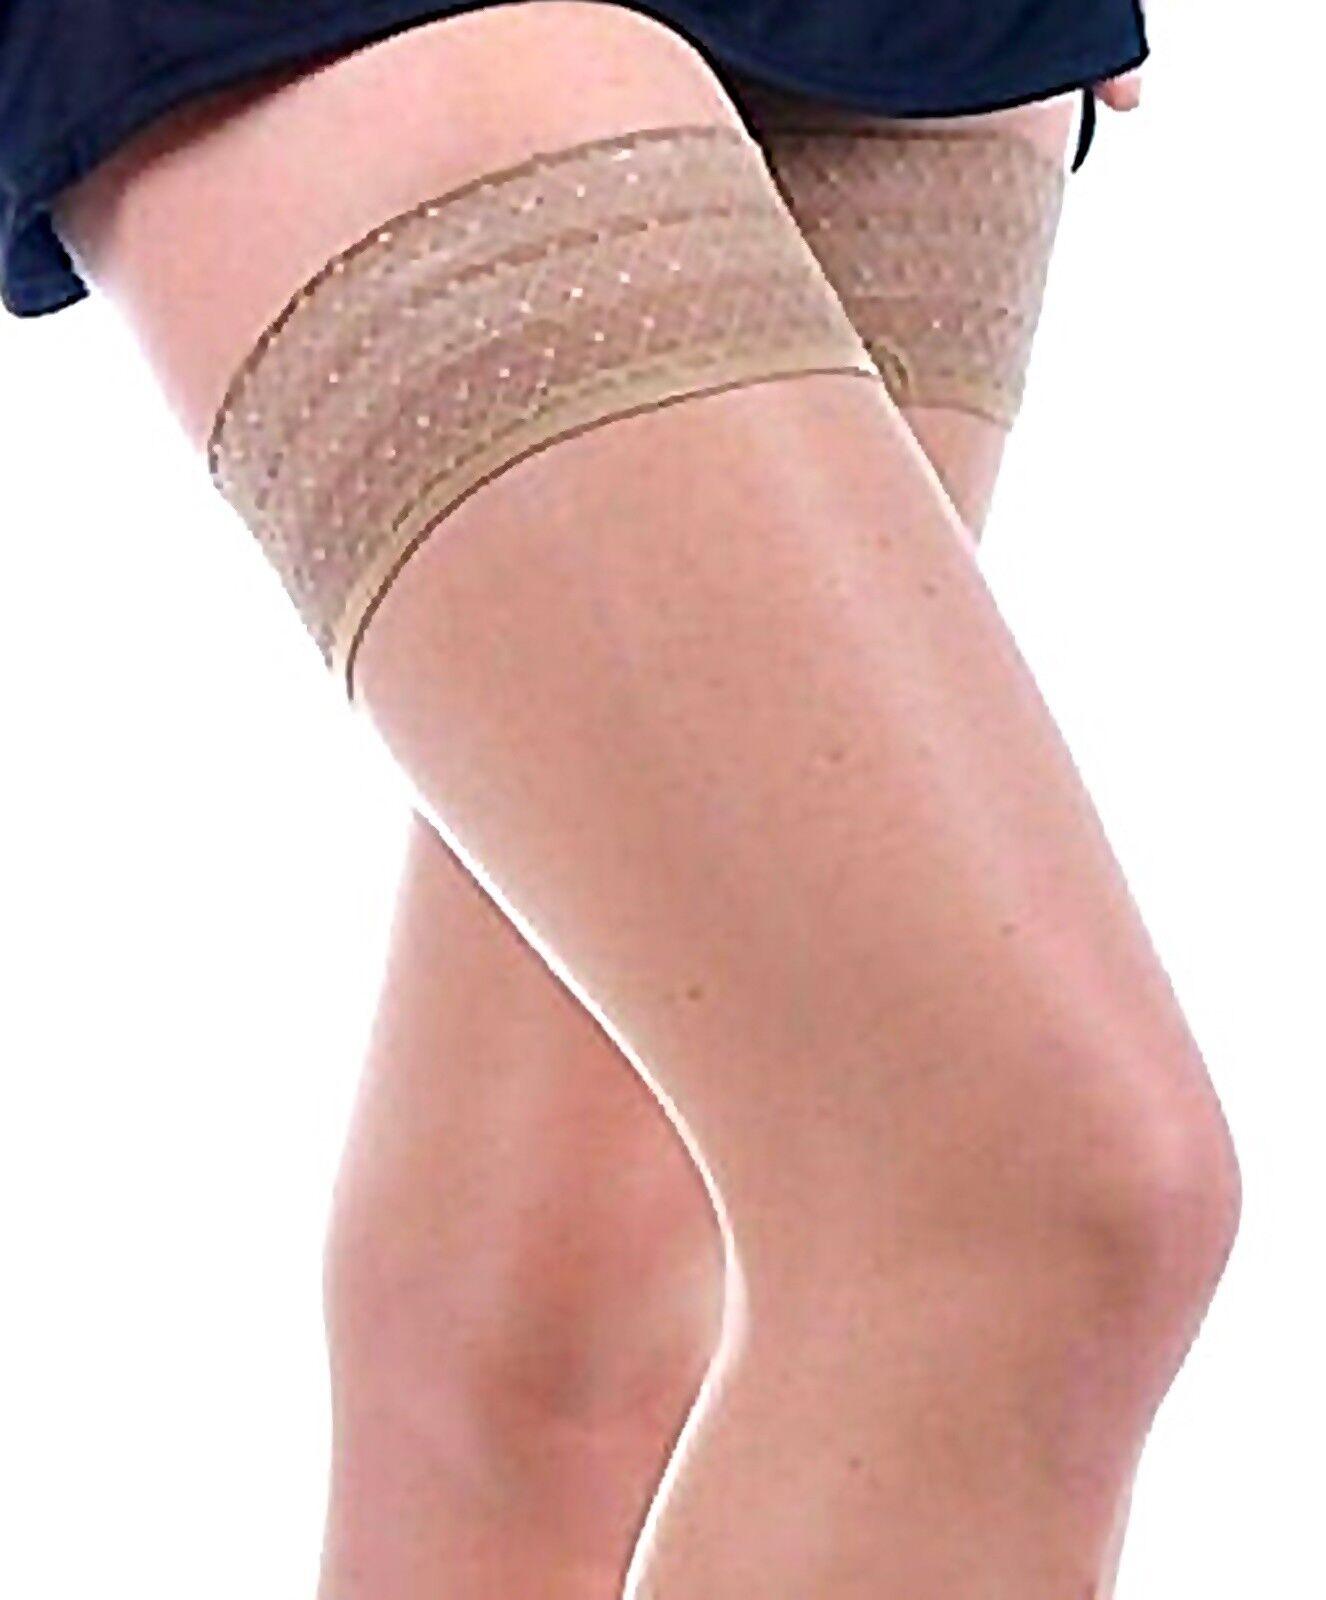 SALE! halterlose Strümpfe transparent klimaregulierent haut frische Beine 10 den